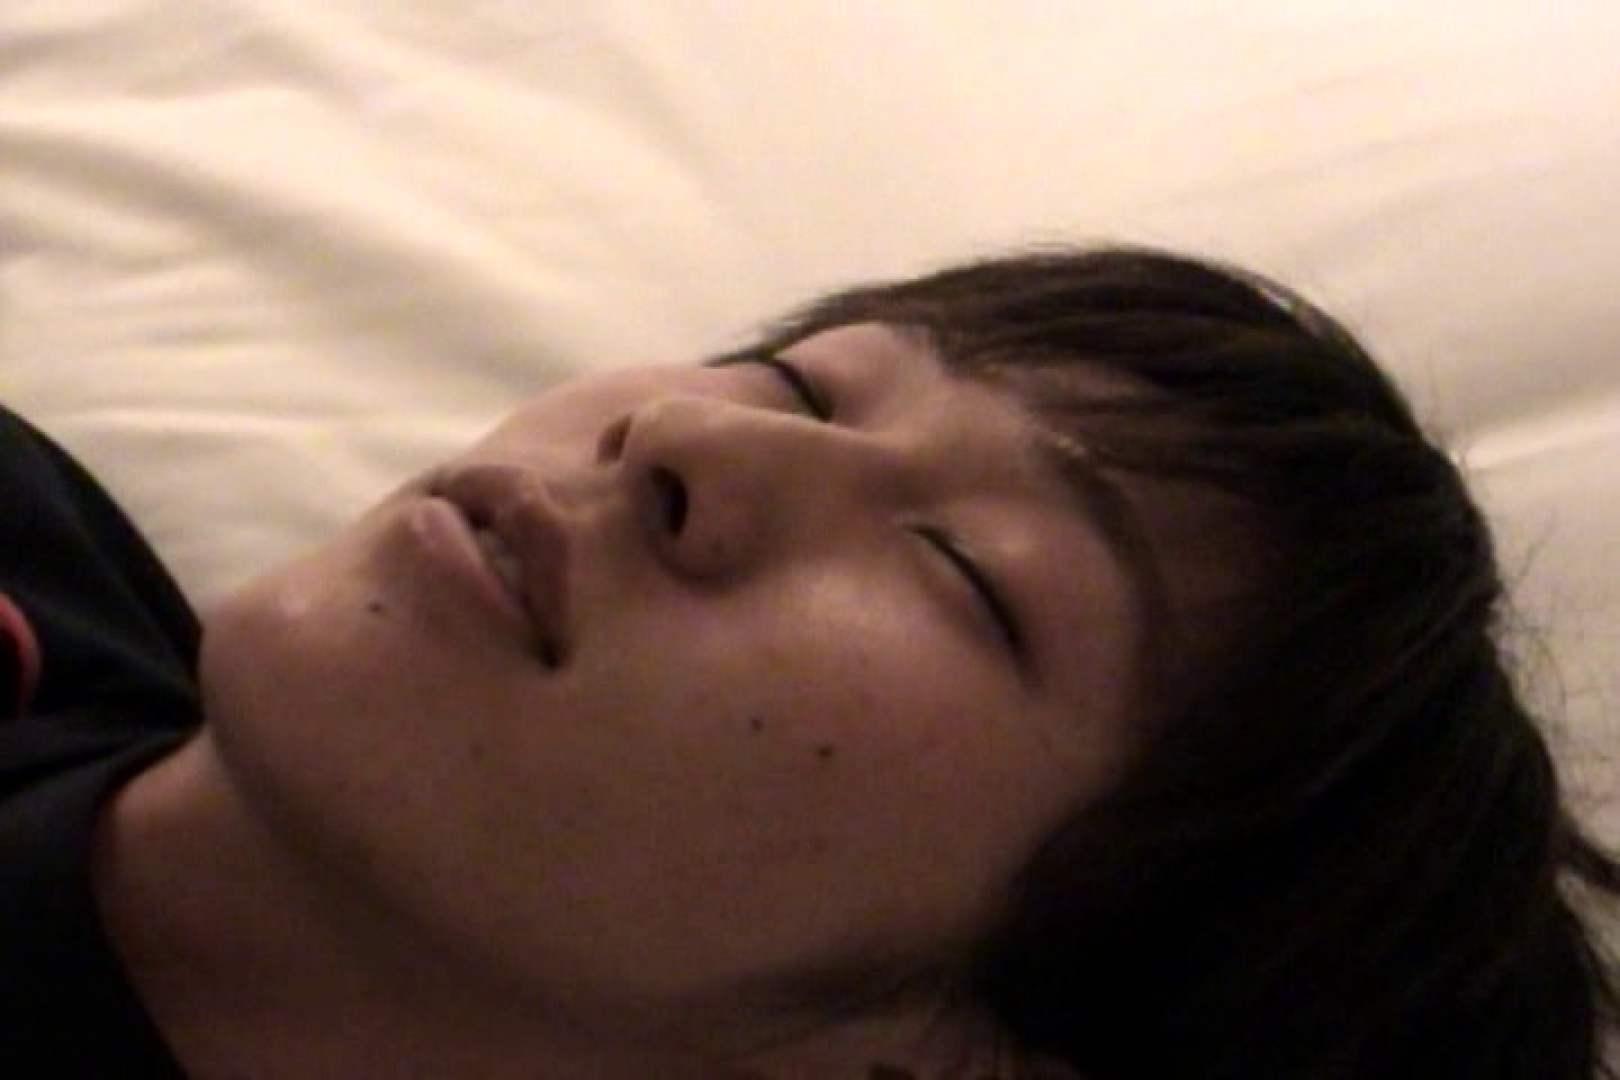 三ツ星シリーズ 魅惑のMemorial Night!! vol.01 ハメ撮り ゲイエロビデオ画像 67枚 59